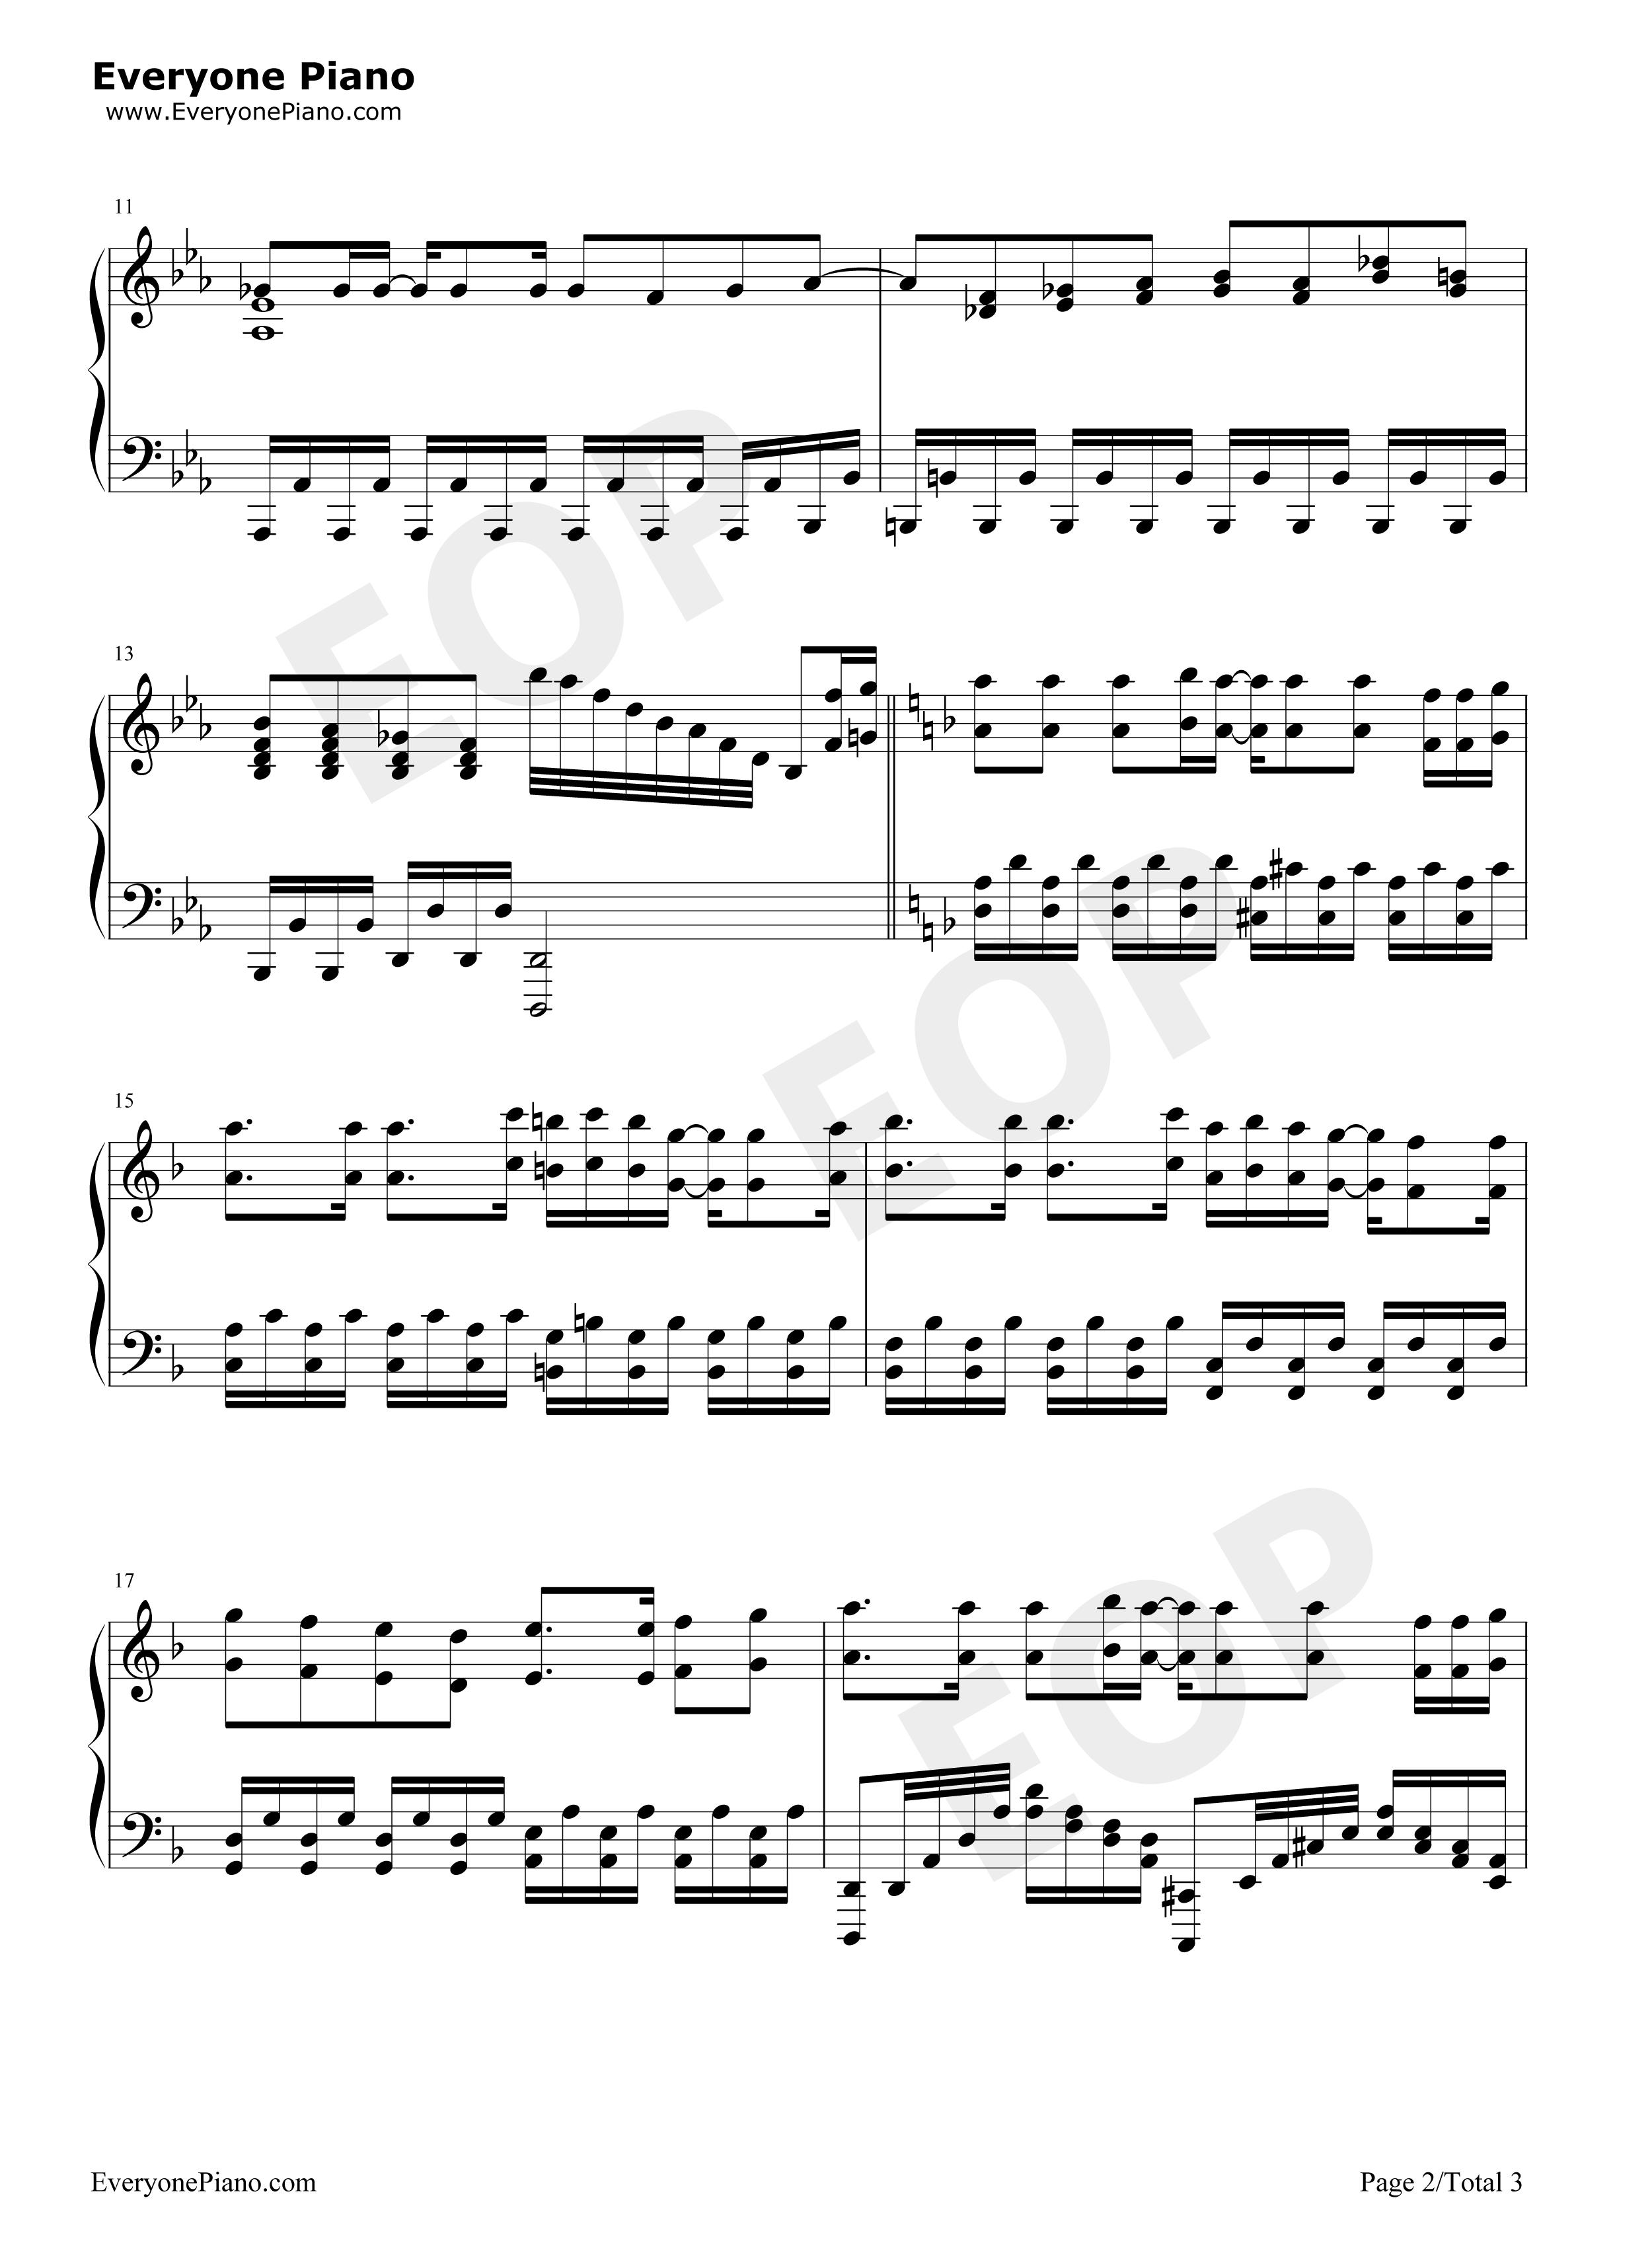 楽譜 鬼 刃 ピアノ 滅 の